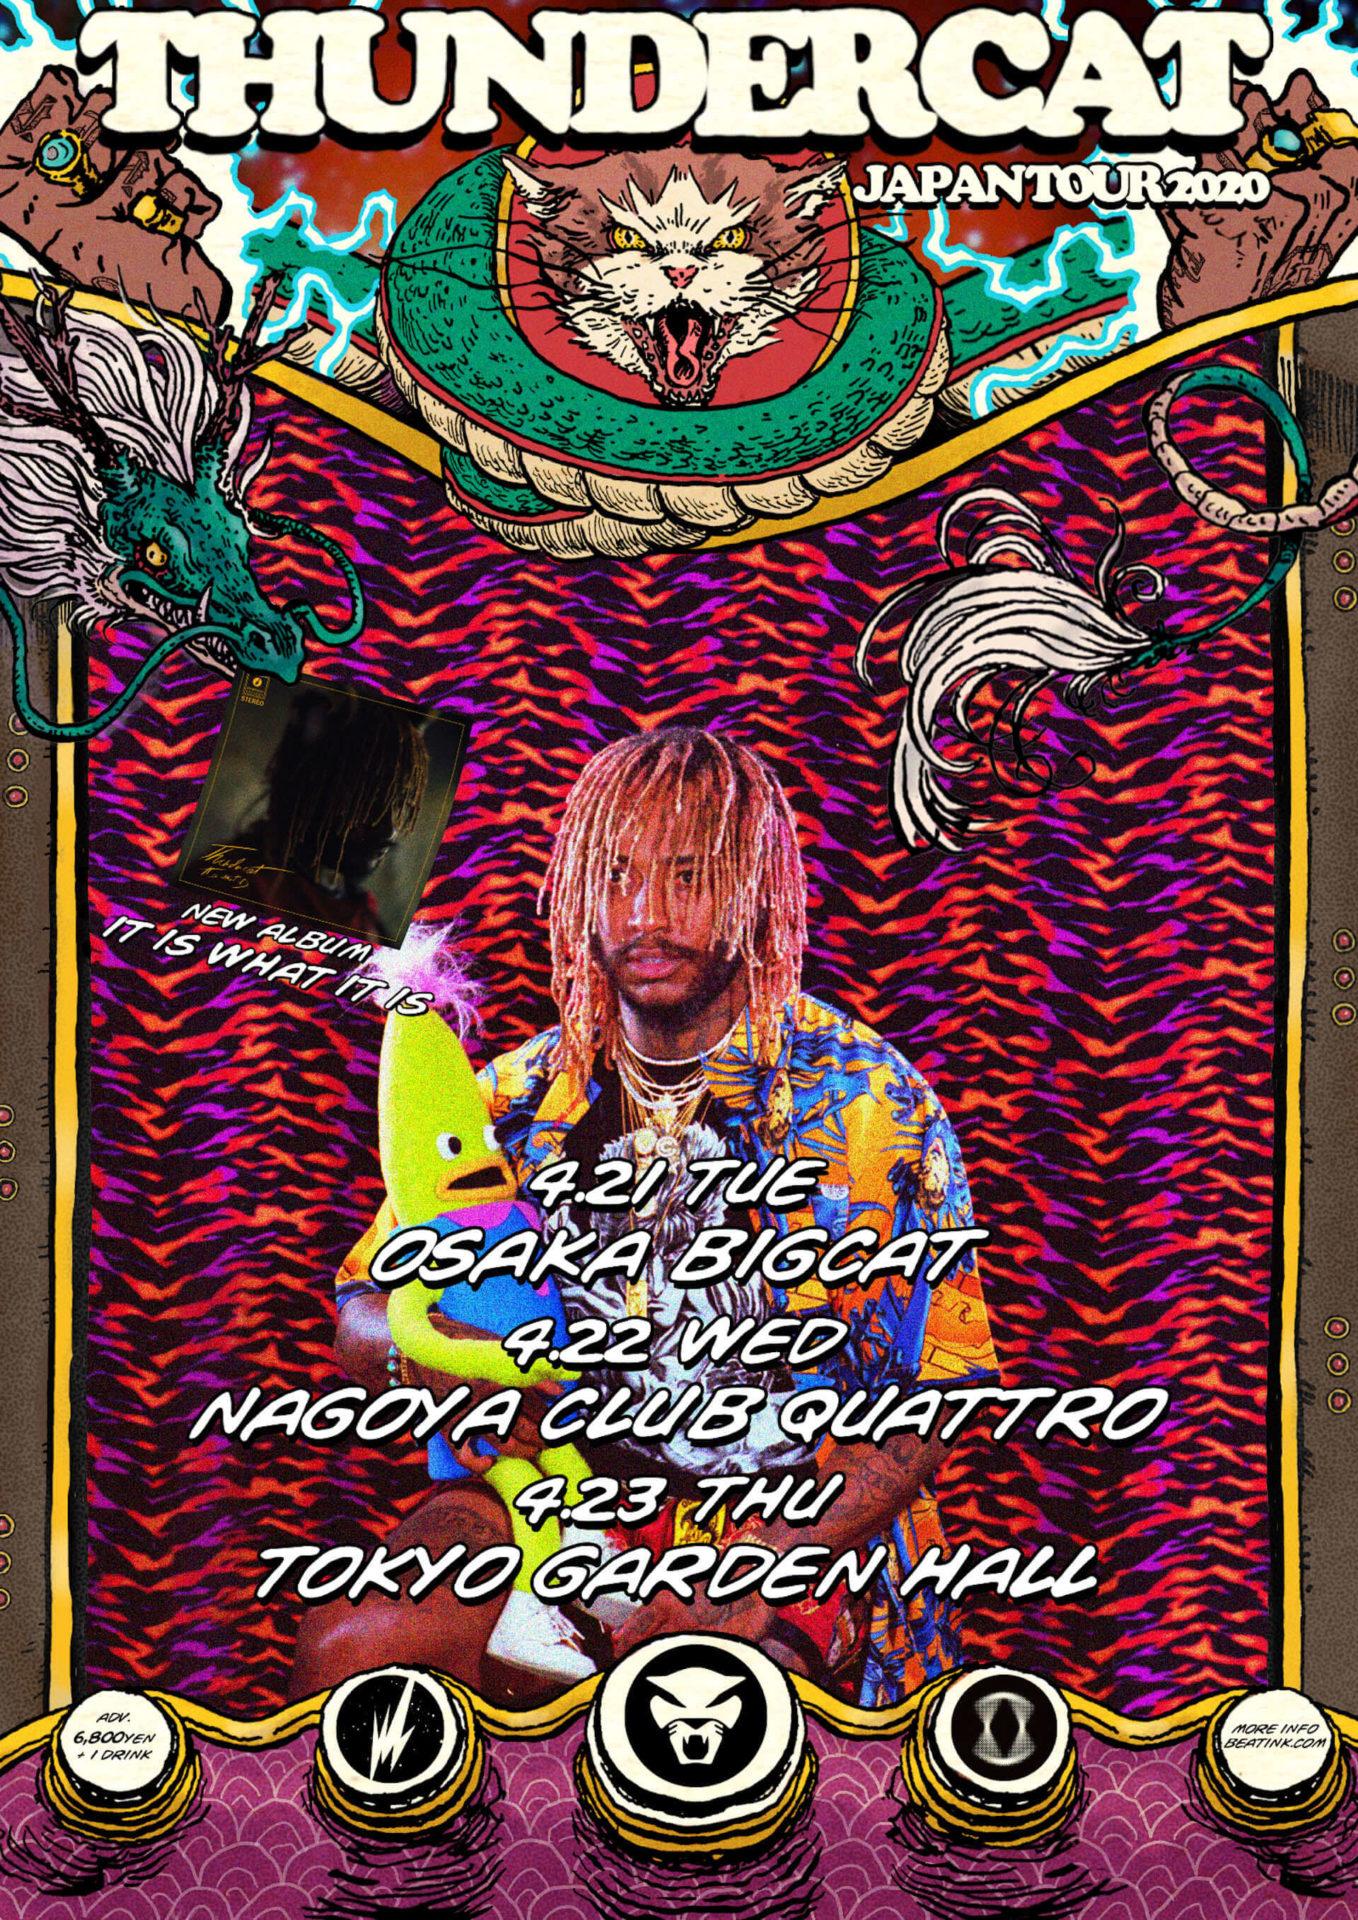 ストリートなイベント【大阪】THUNDERCAT JAPAN TOUR 2020 東京・名古屋・大阪の3都市でジャパンツアー開催!